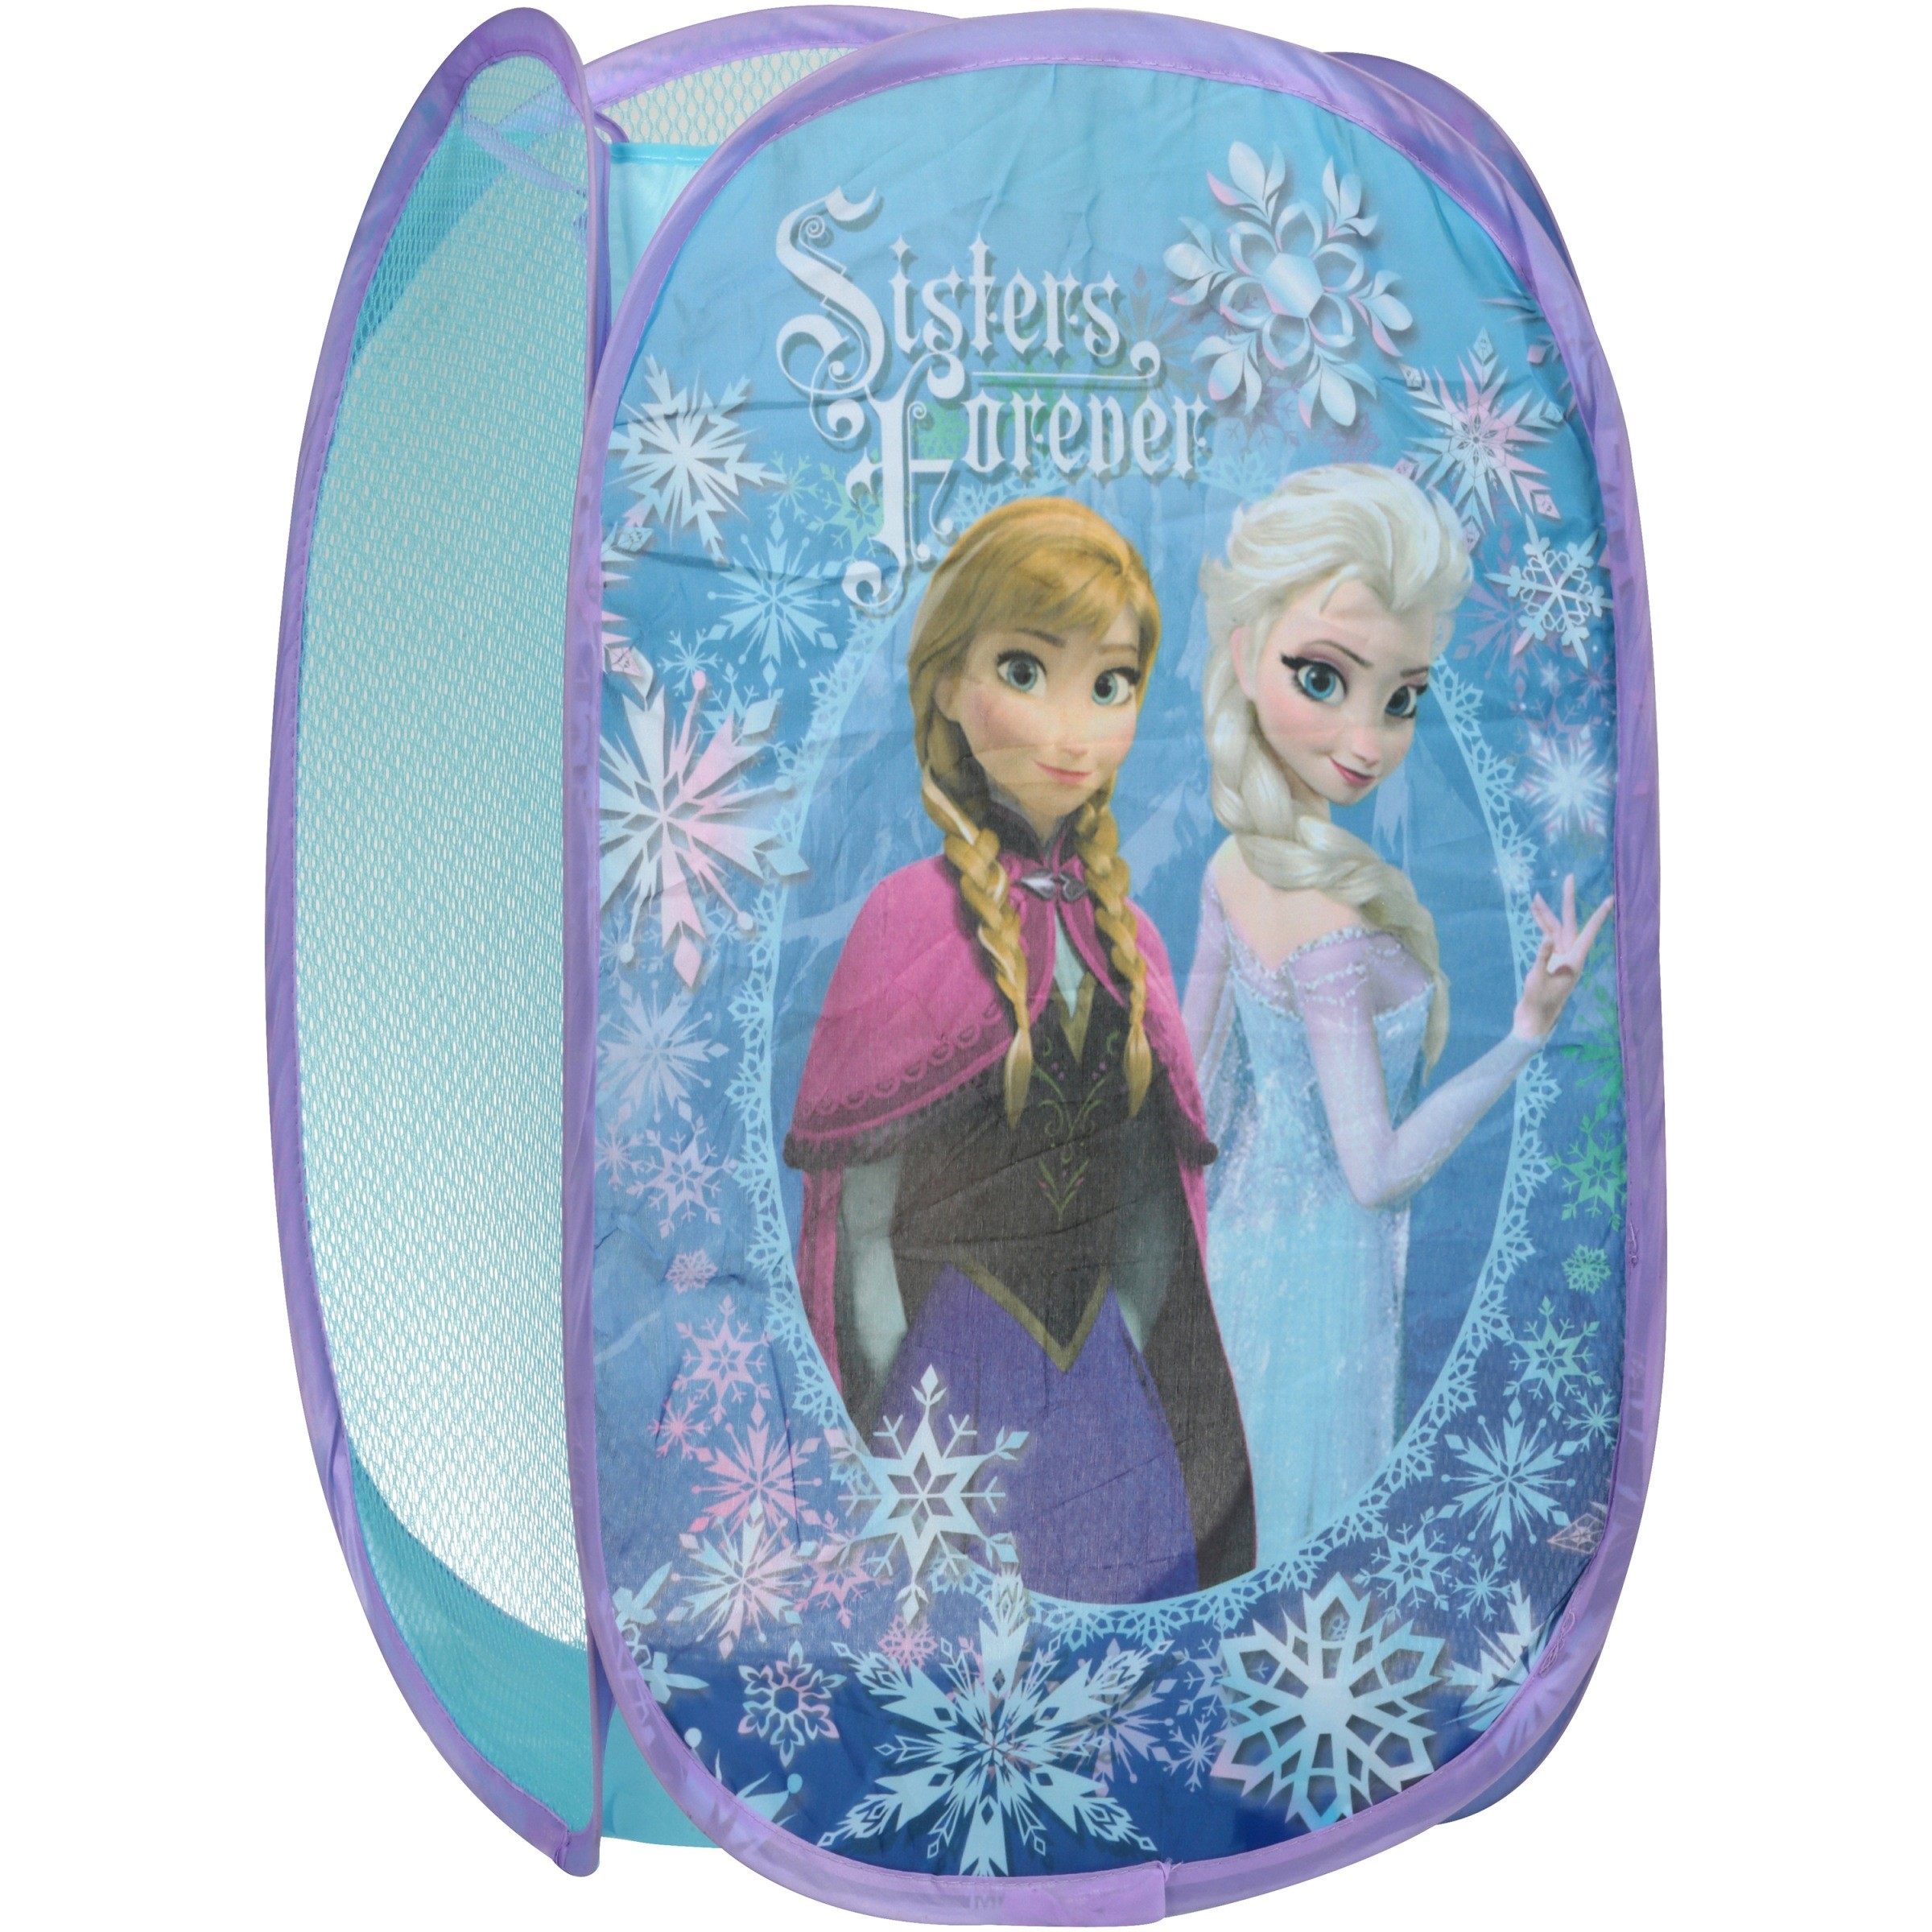 Disney Frozen Pop Up Hamper by Idea Nuova Inc.